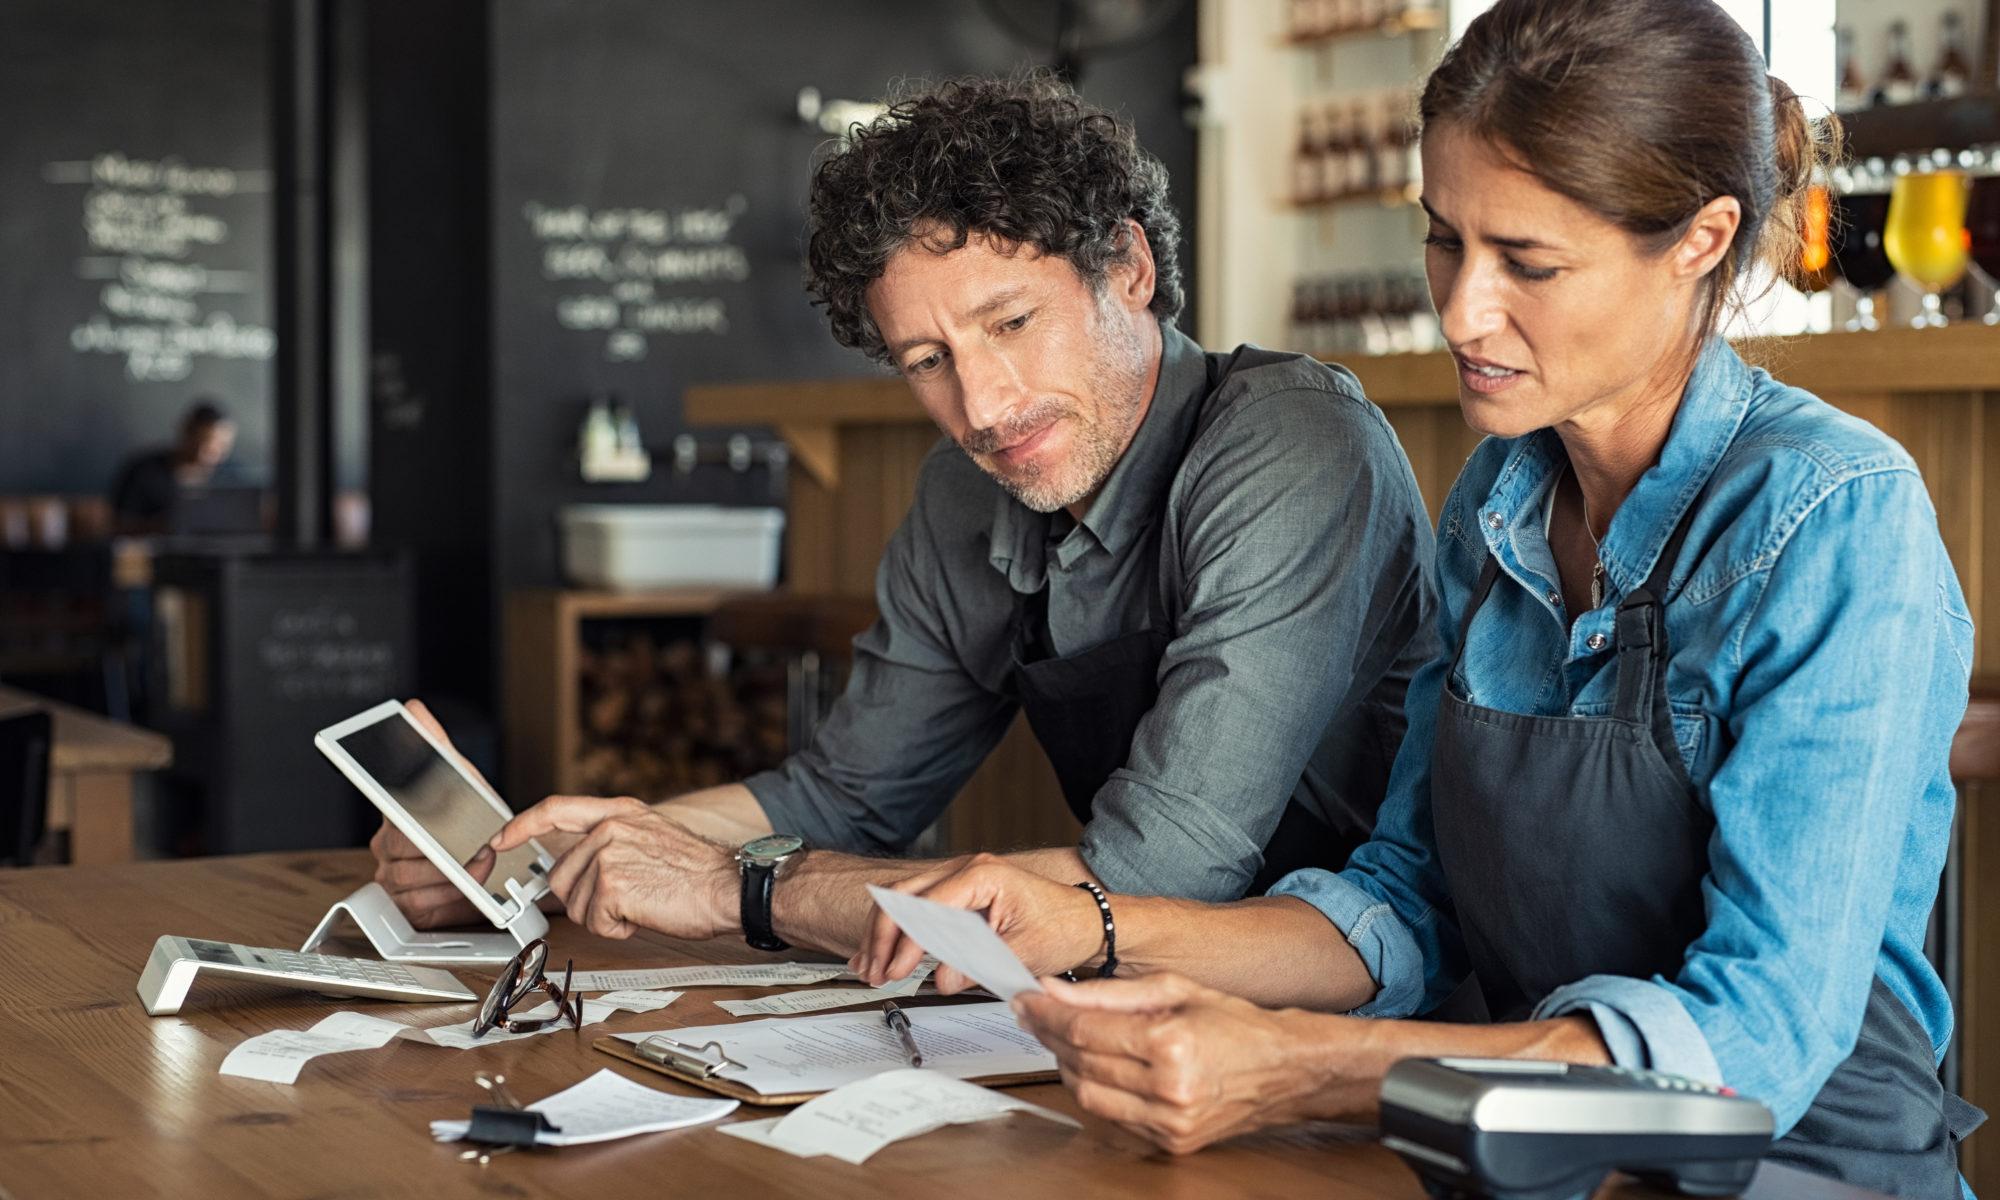 AdobeStock 232957208 2000x1200 - Die Hälfte der kleineren und mittleren Unternehmen fürchtet Insolvenz wegen Corona